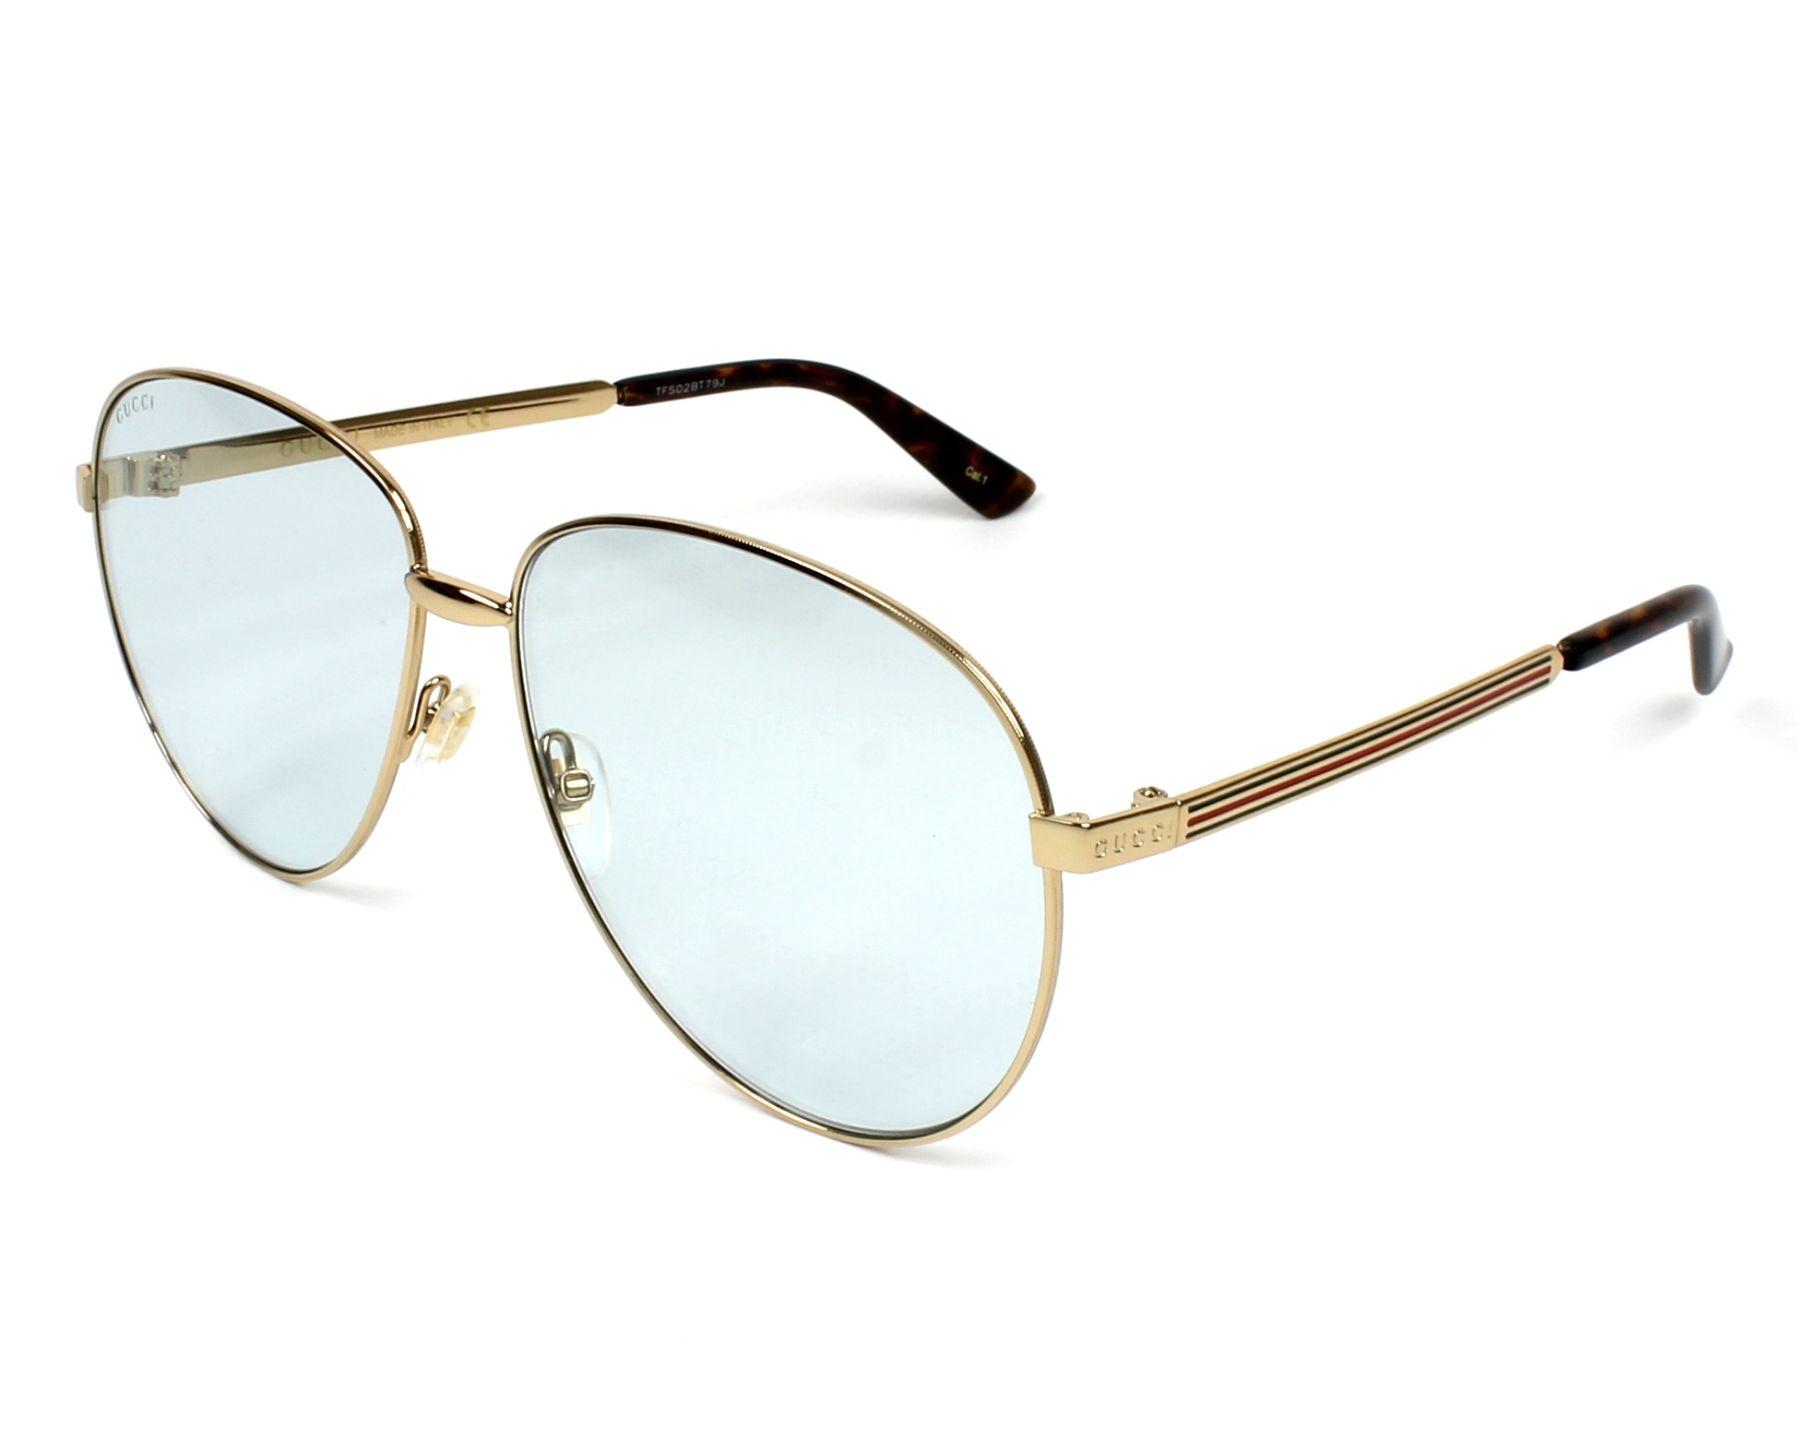 7a8e4e6d37 Sunglasses Gucci GG-0138-S 004 61-14 Gold profile view